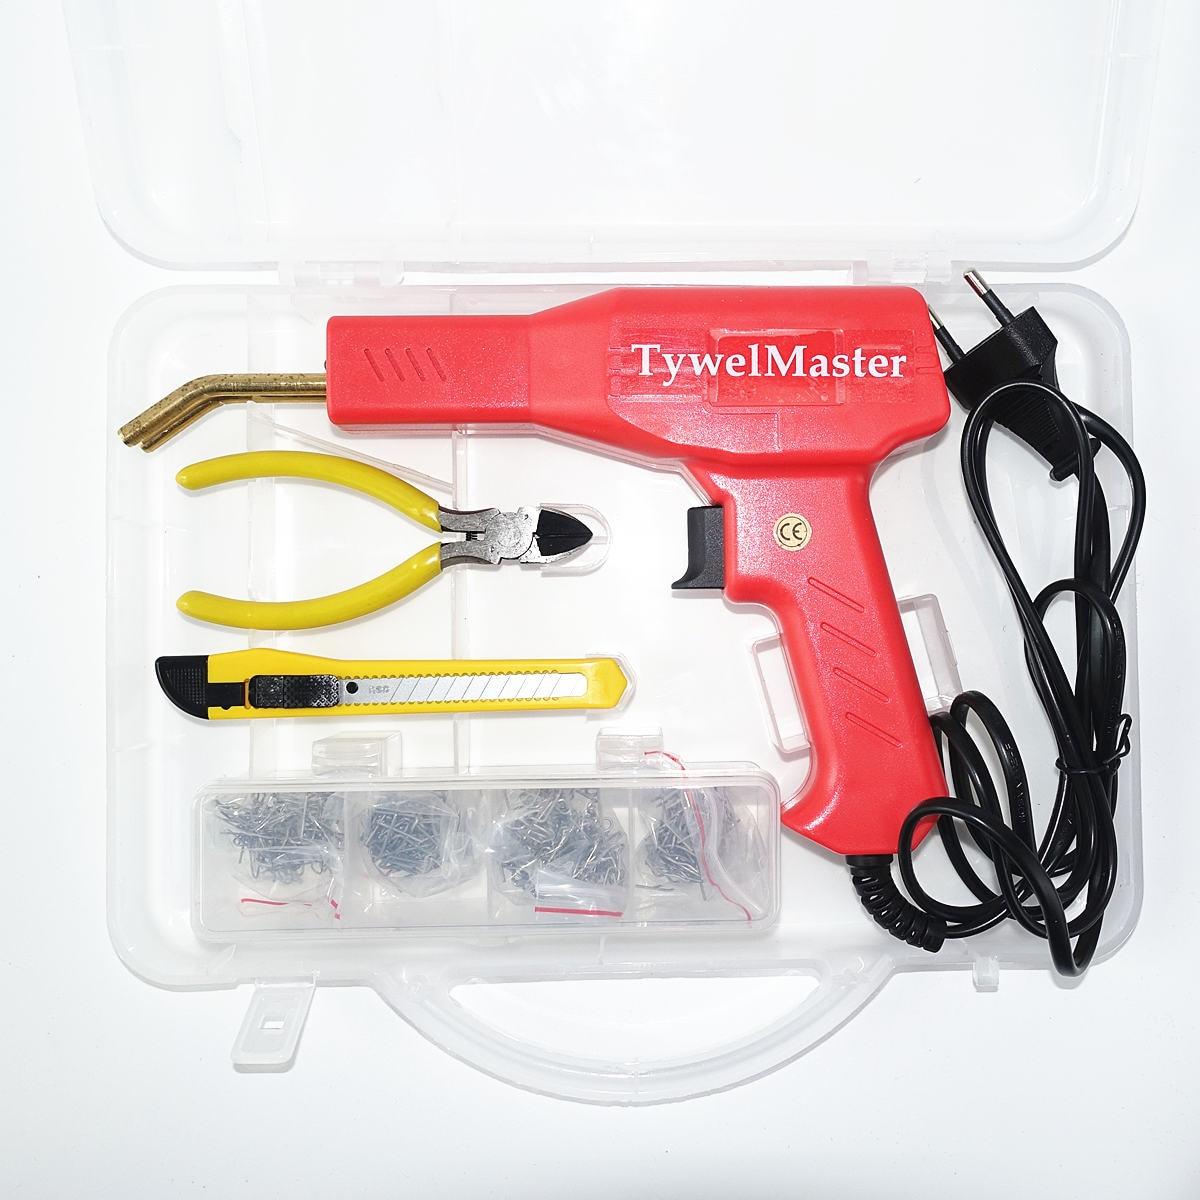 Utili attrezzi da garage per saldatori di plastica cucitrici a caldo macchina per riparazioni di plastica in PVC, riparazione di paraurti per auto, cucitrice a caldo